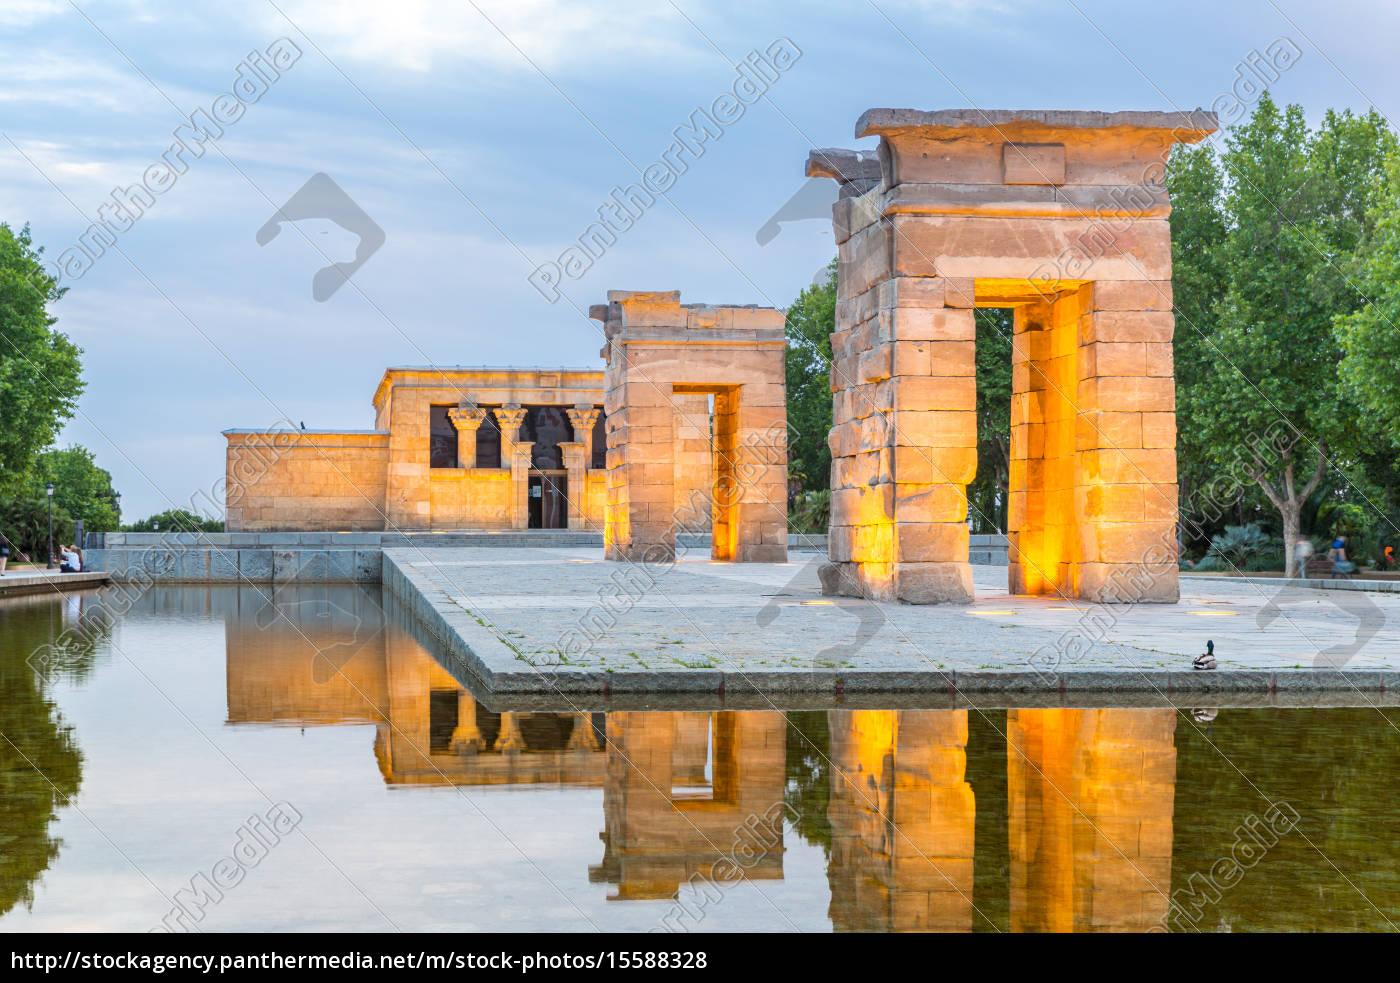 temple, de, debod, madrid - 15588328